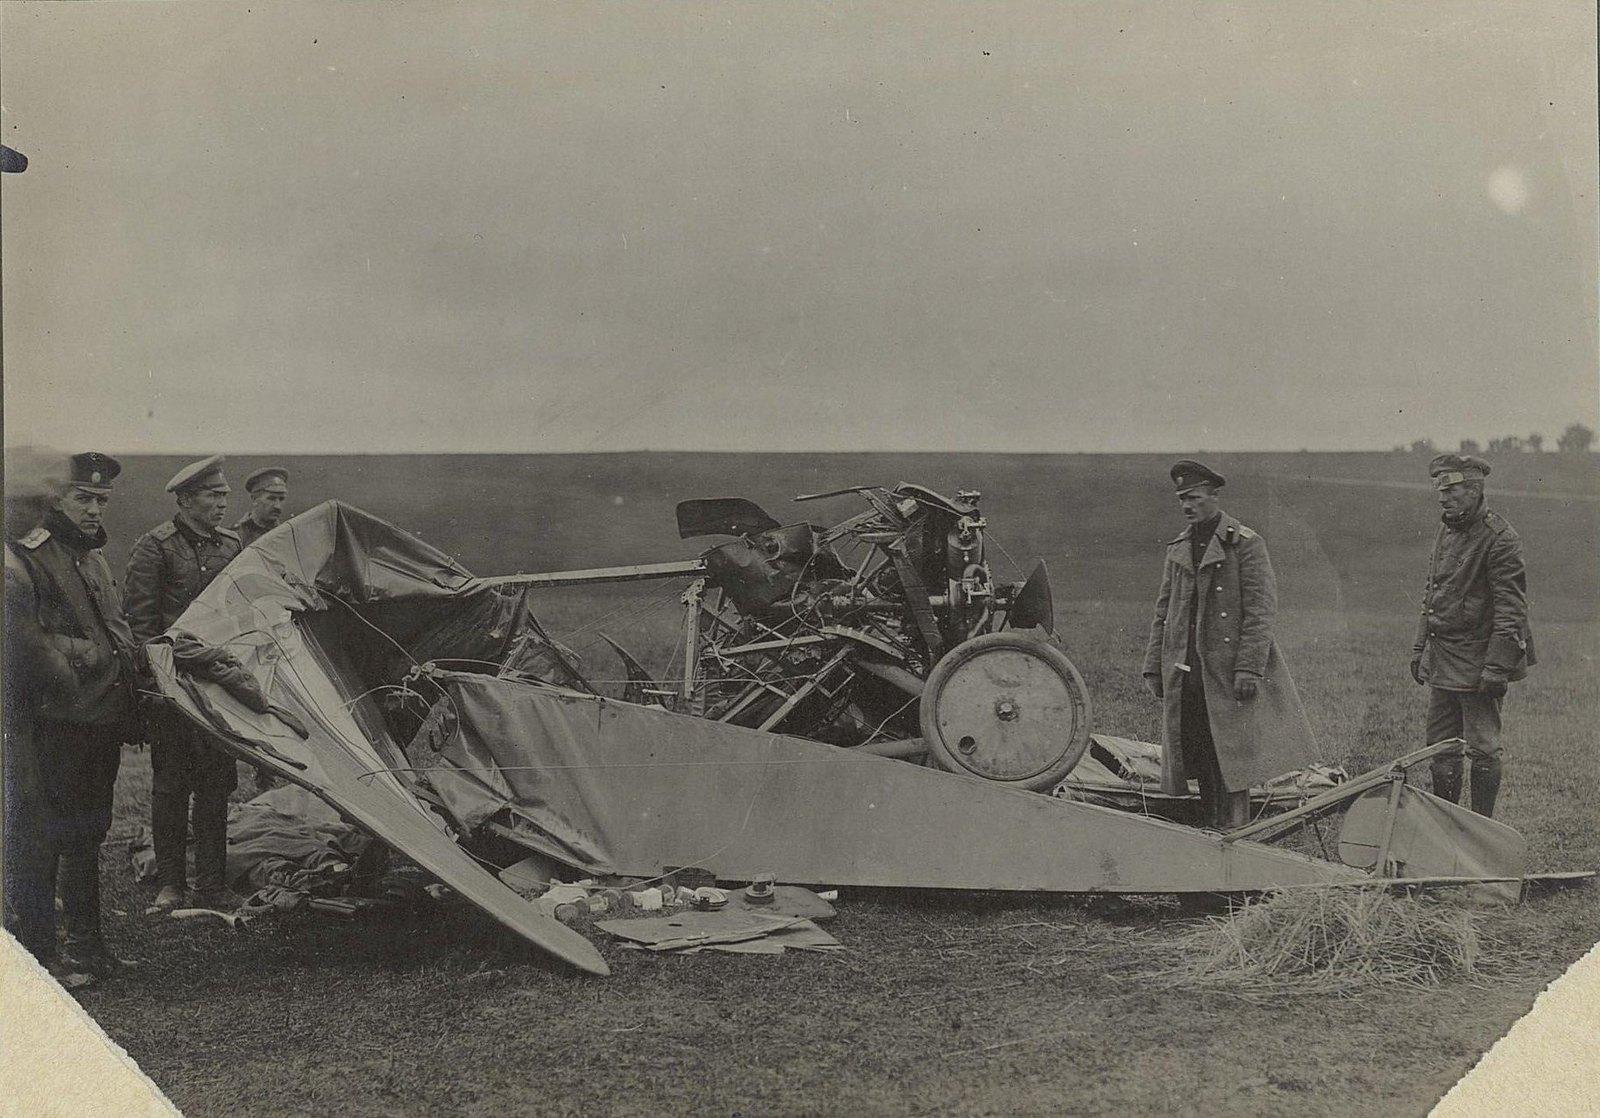 19. 1916. Группа военных возле разбитого самолёта. 17 сентября